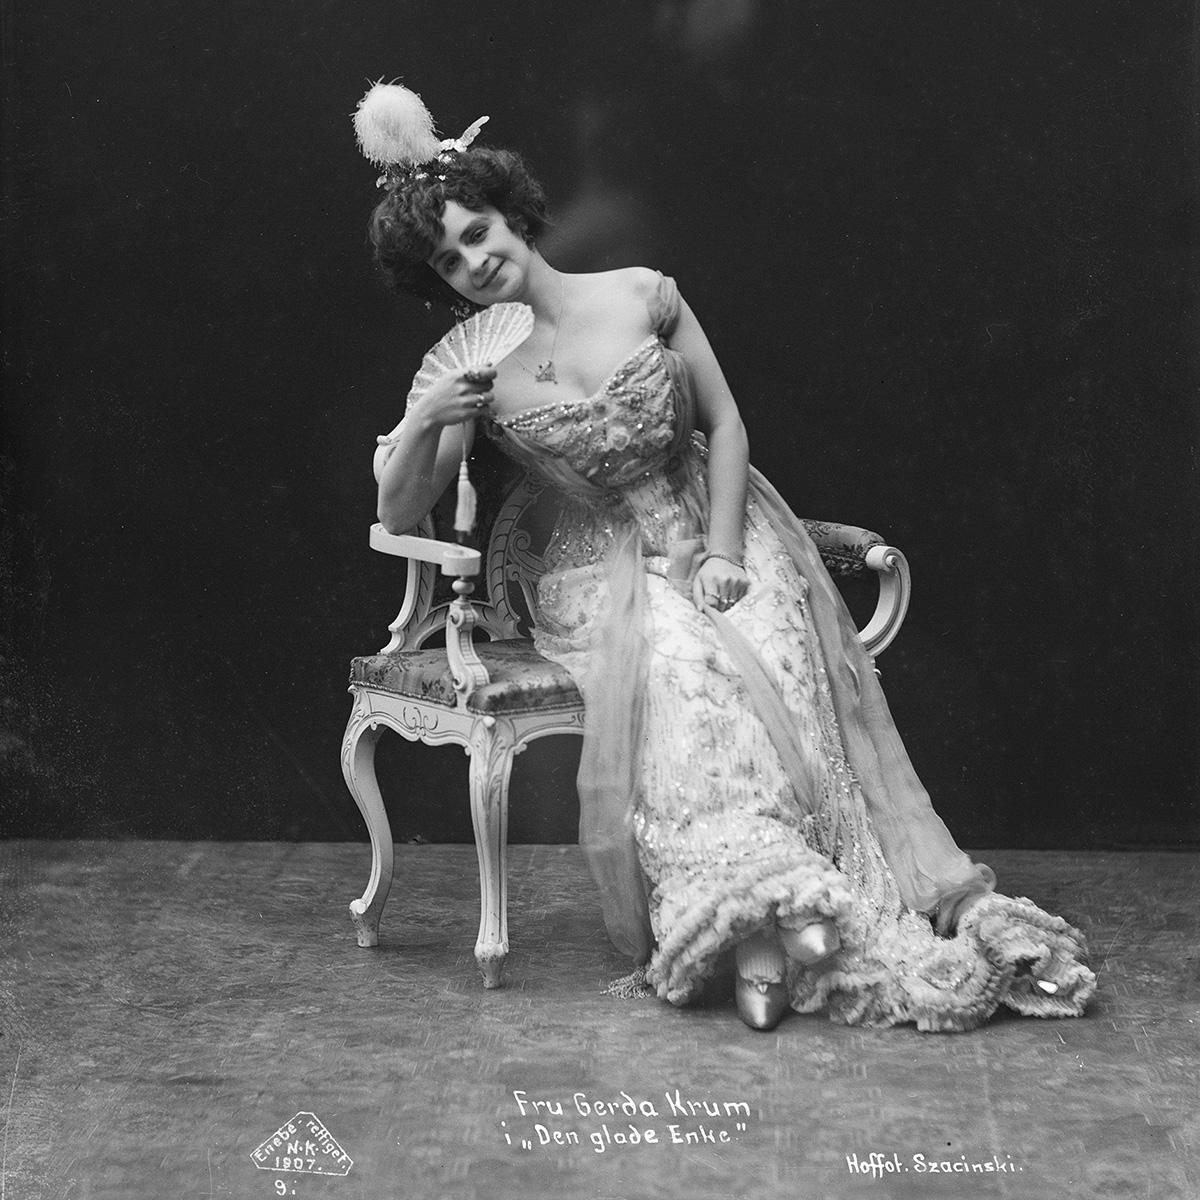 Skuespillerportrett av Gerda Krum fra «Den glade enke» på Nationaltheateret i Oslo 1907. Foto: L. Szasinski / Østfold fylkes billedarkiv